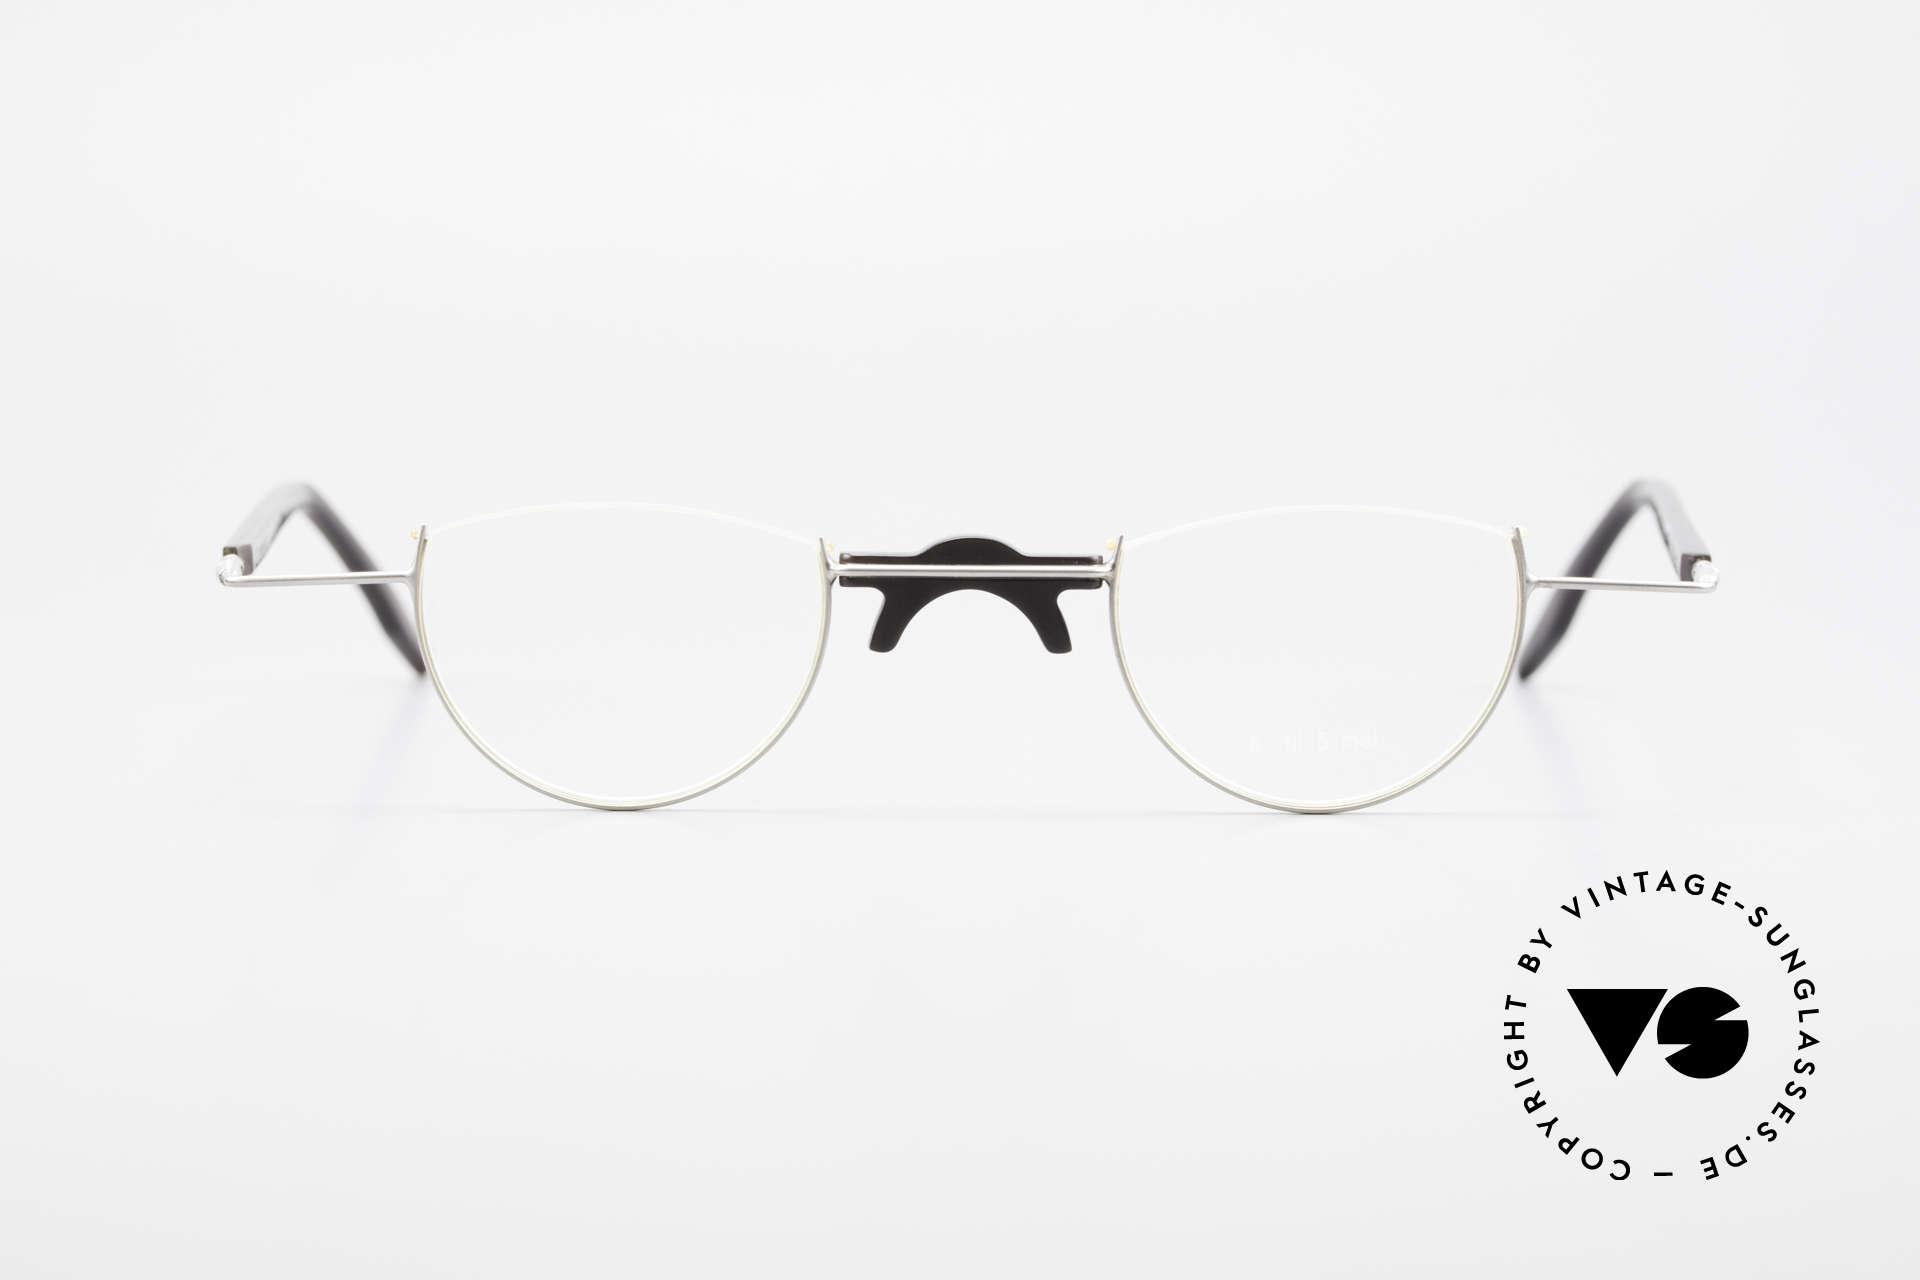 Wolfgang Katzer Fil 5 Genuine Horn Reading Glasses, rare glasses (hand made of GENUINE buffalo horn), Made for Men